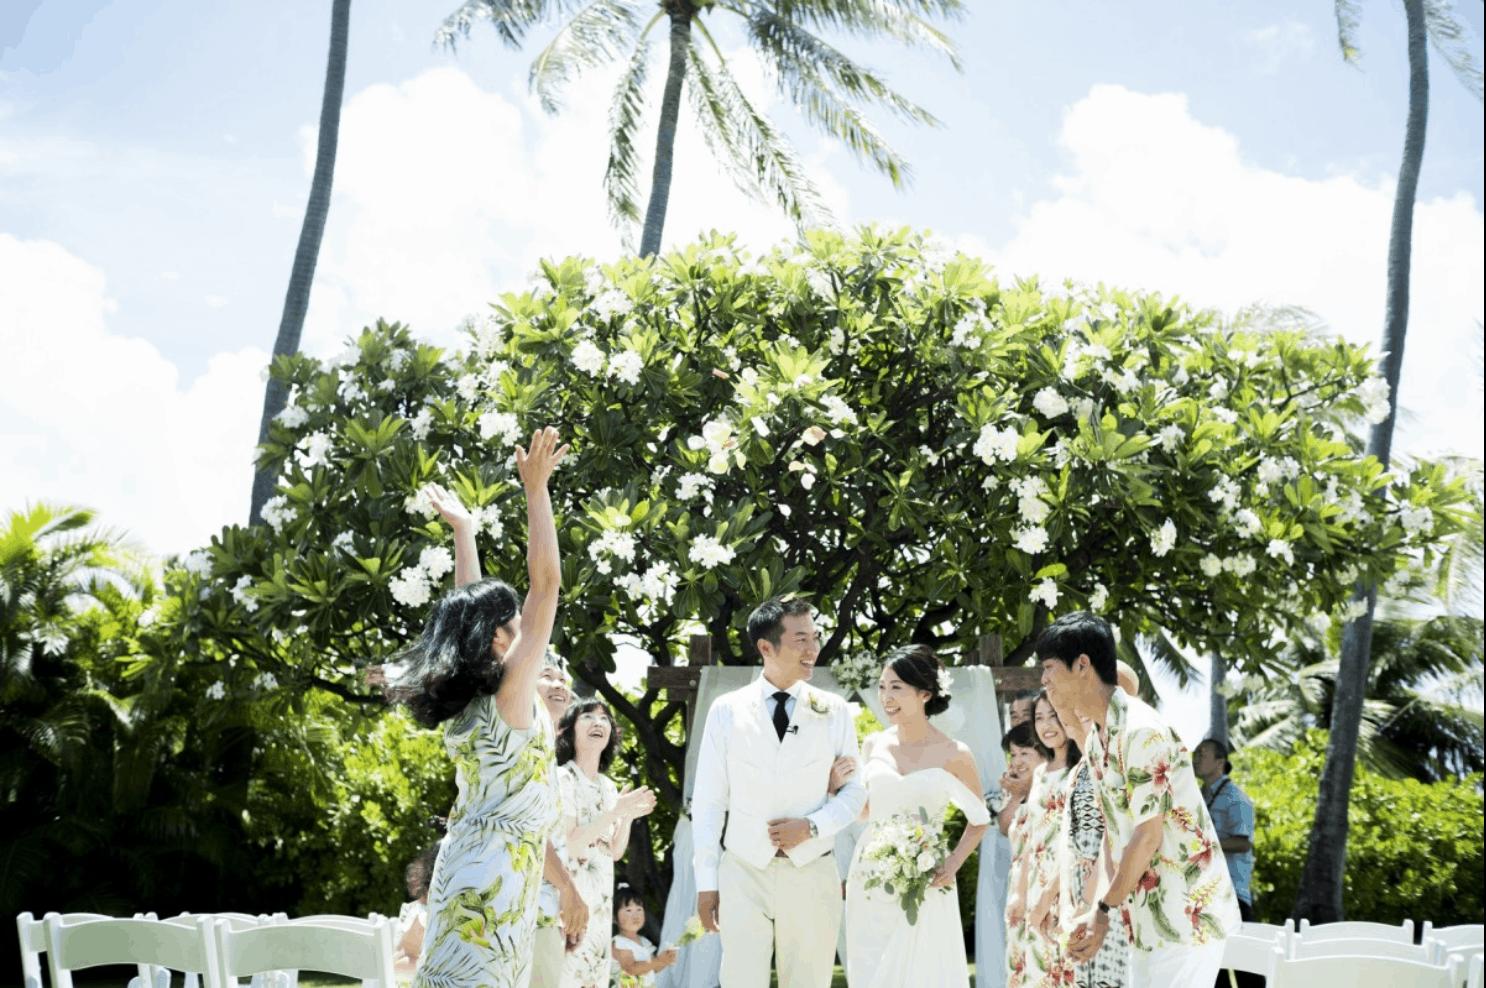 ハワイ結婚式の費用総額はいくら?内訳からゲストの旅費負担まで徹底解説のカバー写真